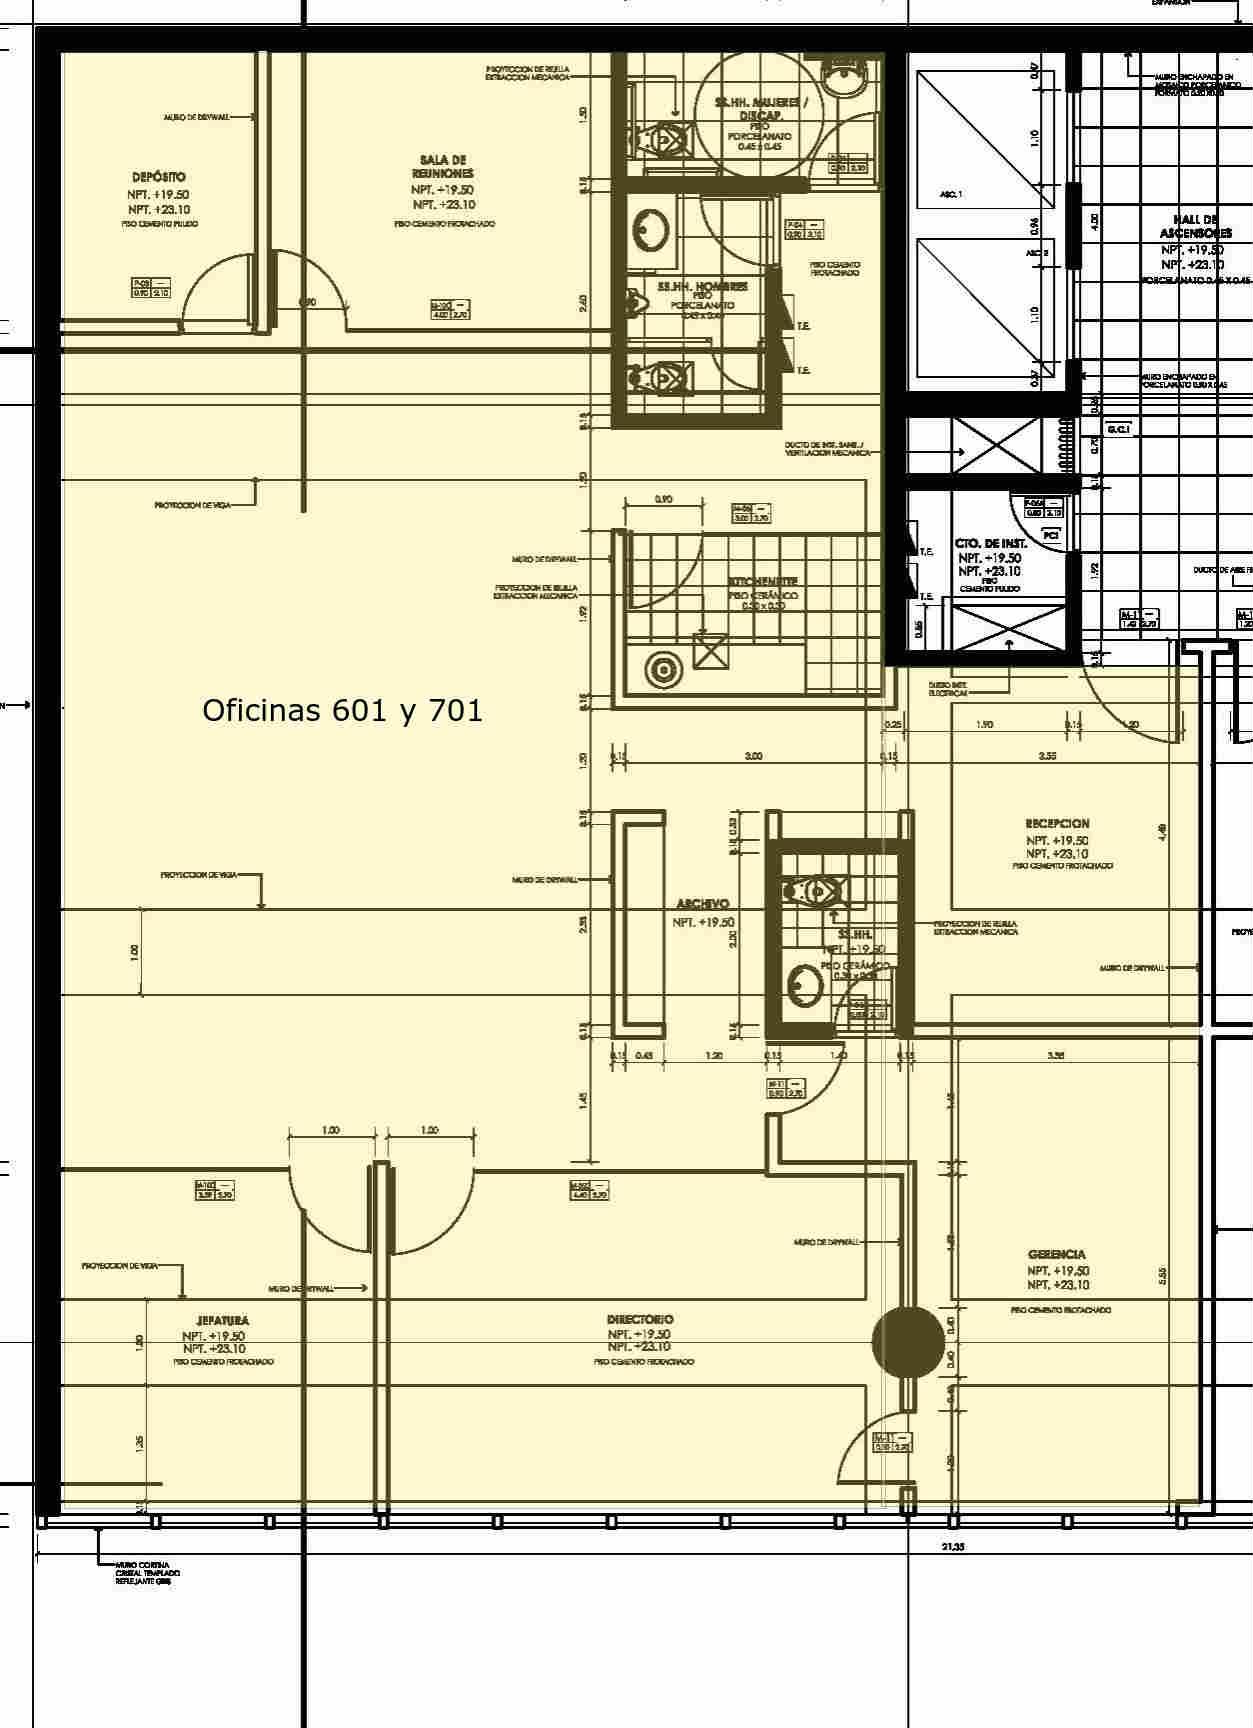 oficina 601 y 701